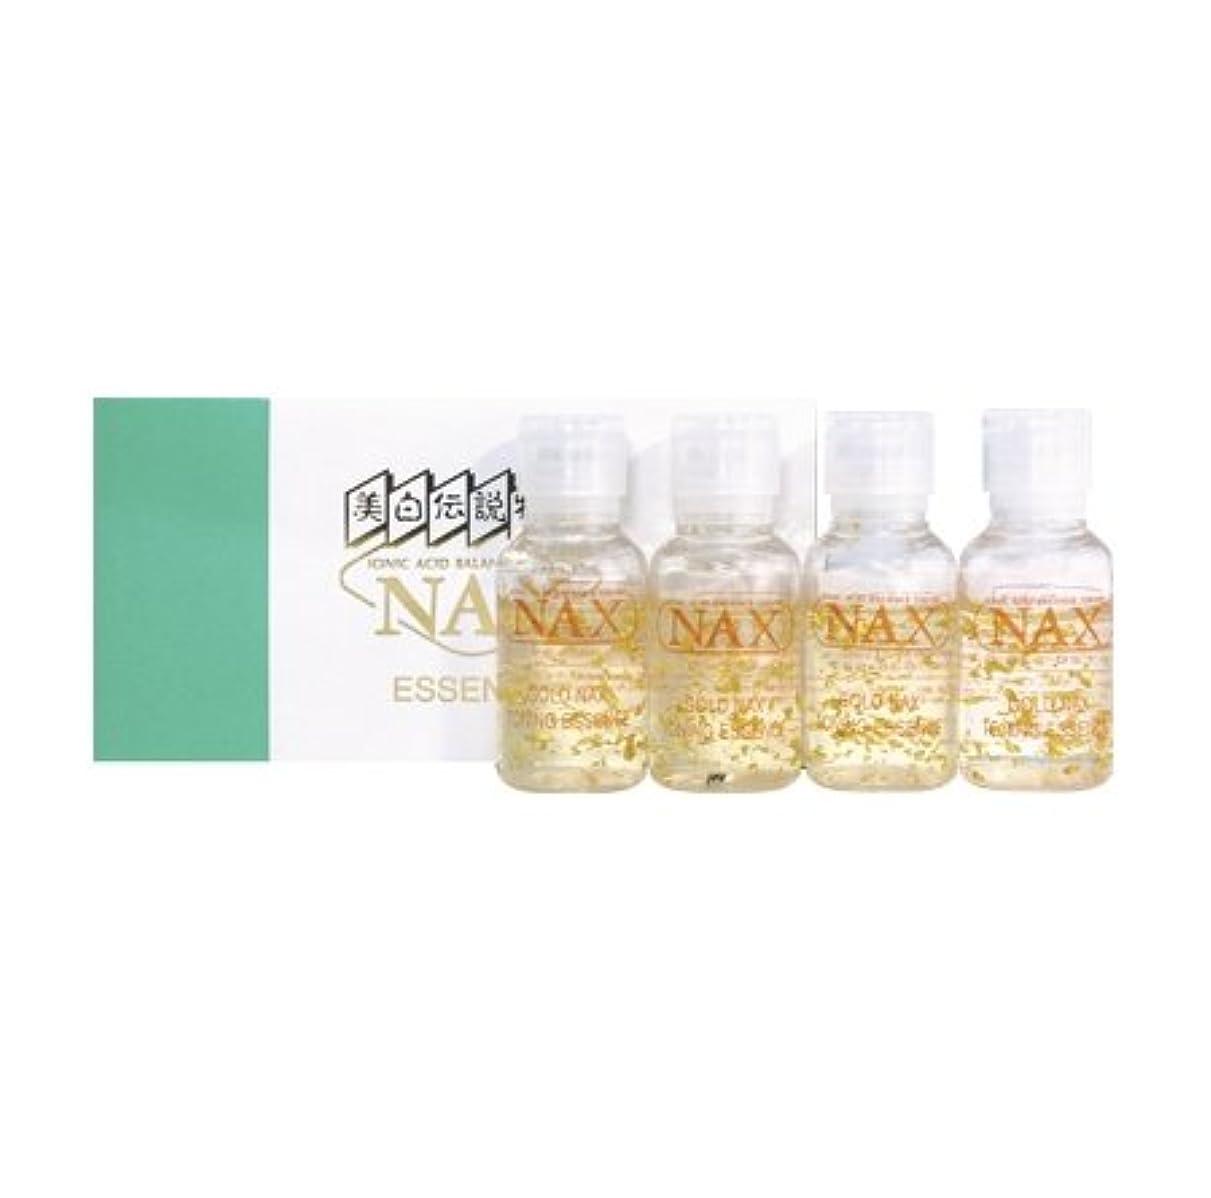 熱望する方程式改善ゴールドコスメ NAX トーニングエッセンス 美容液 超敏感肌用 12.5ml×4本